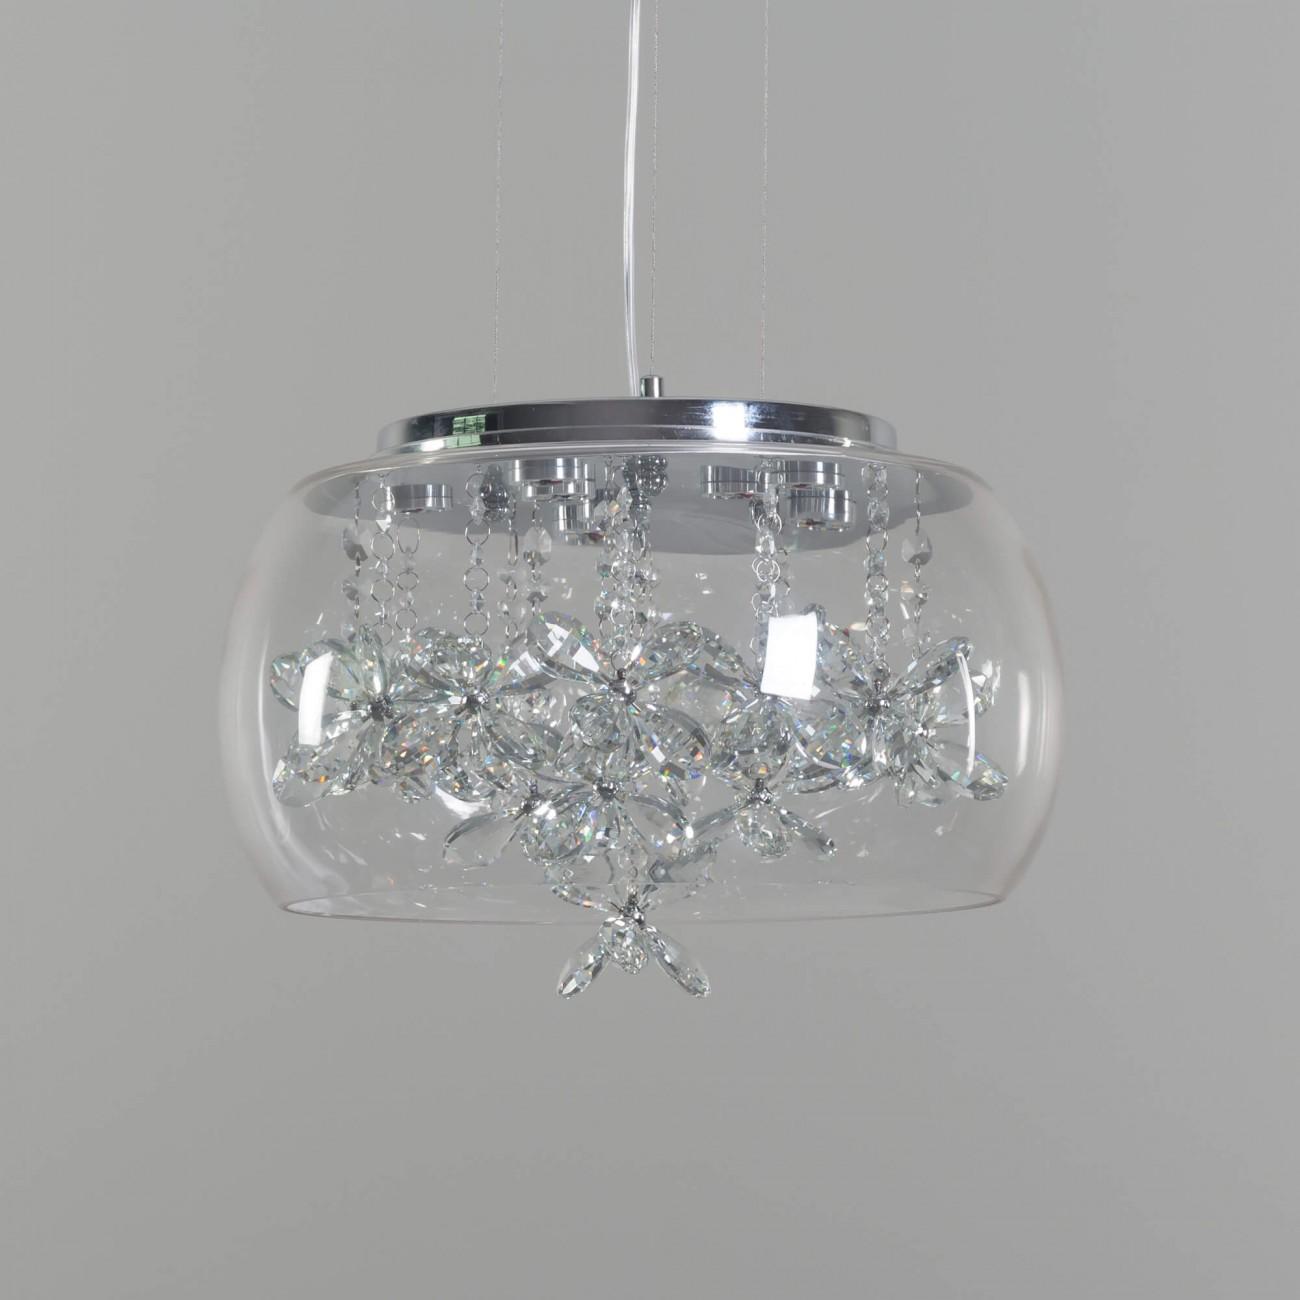 Modern Led Pendant Light Crystal Design